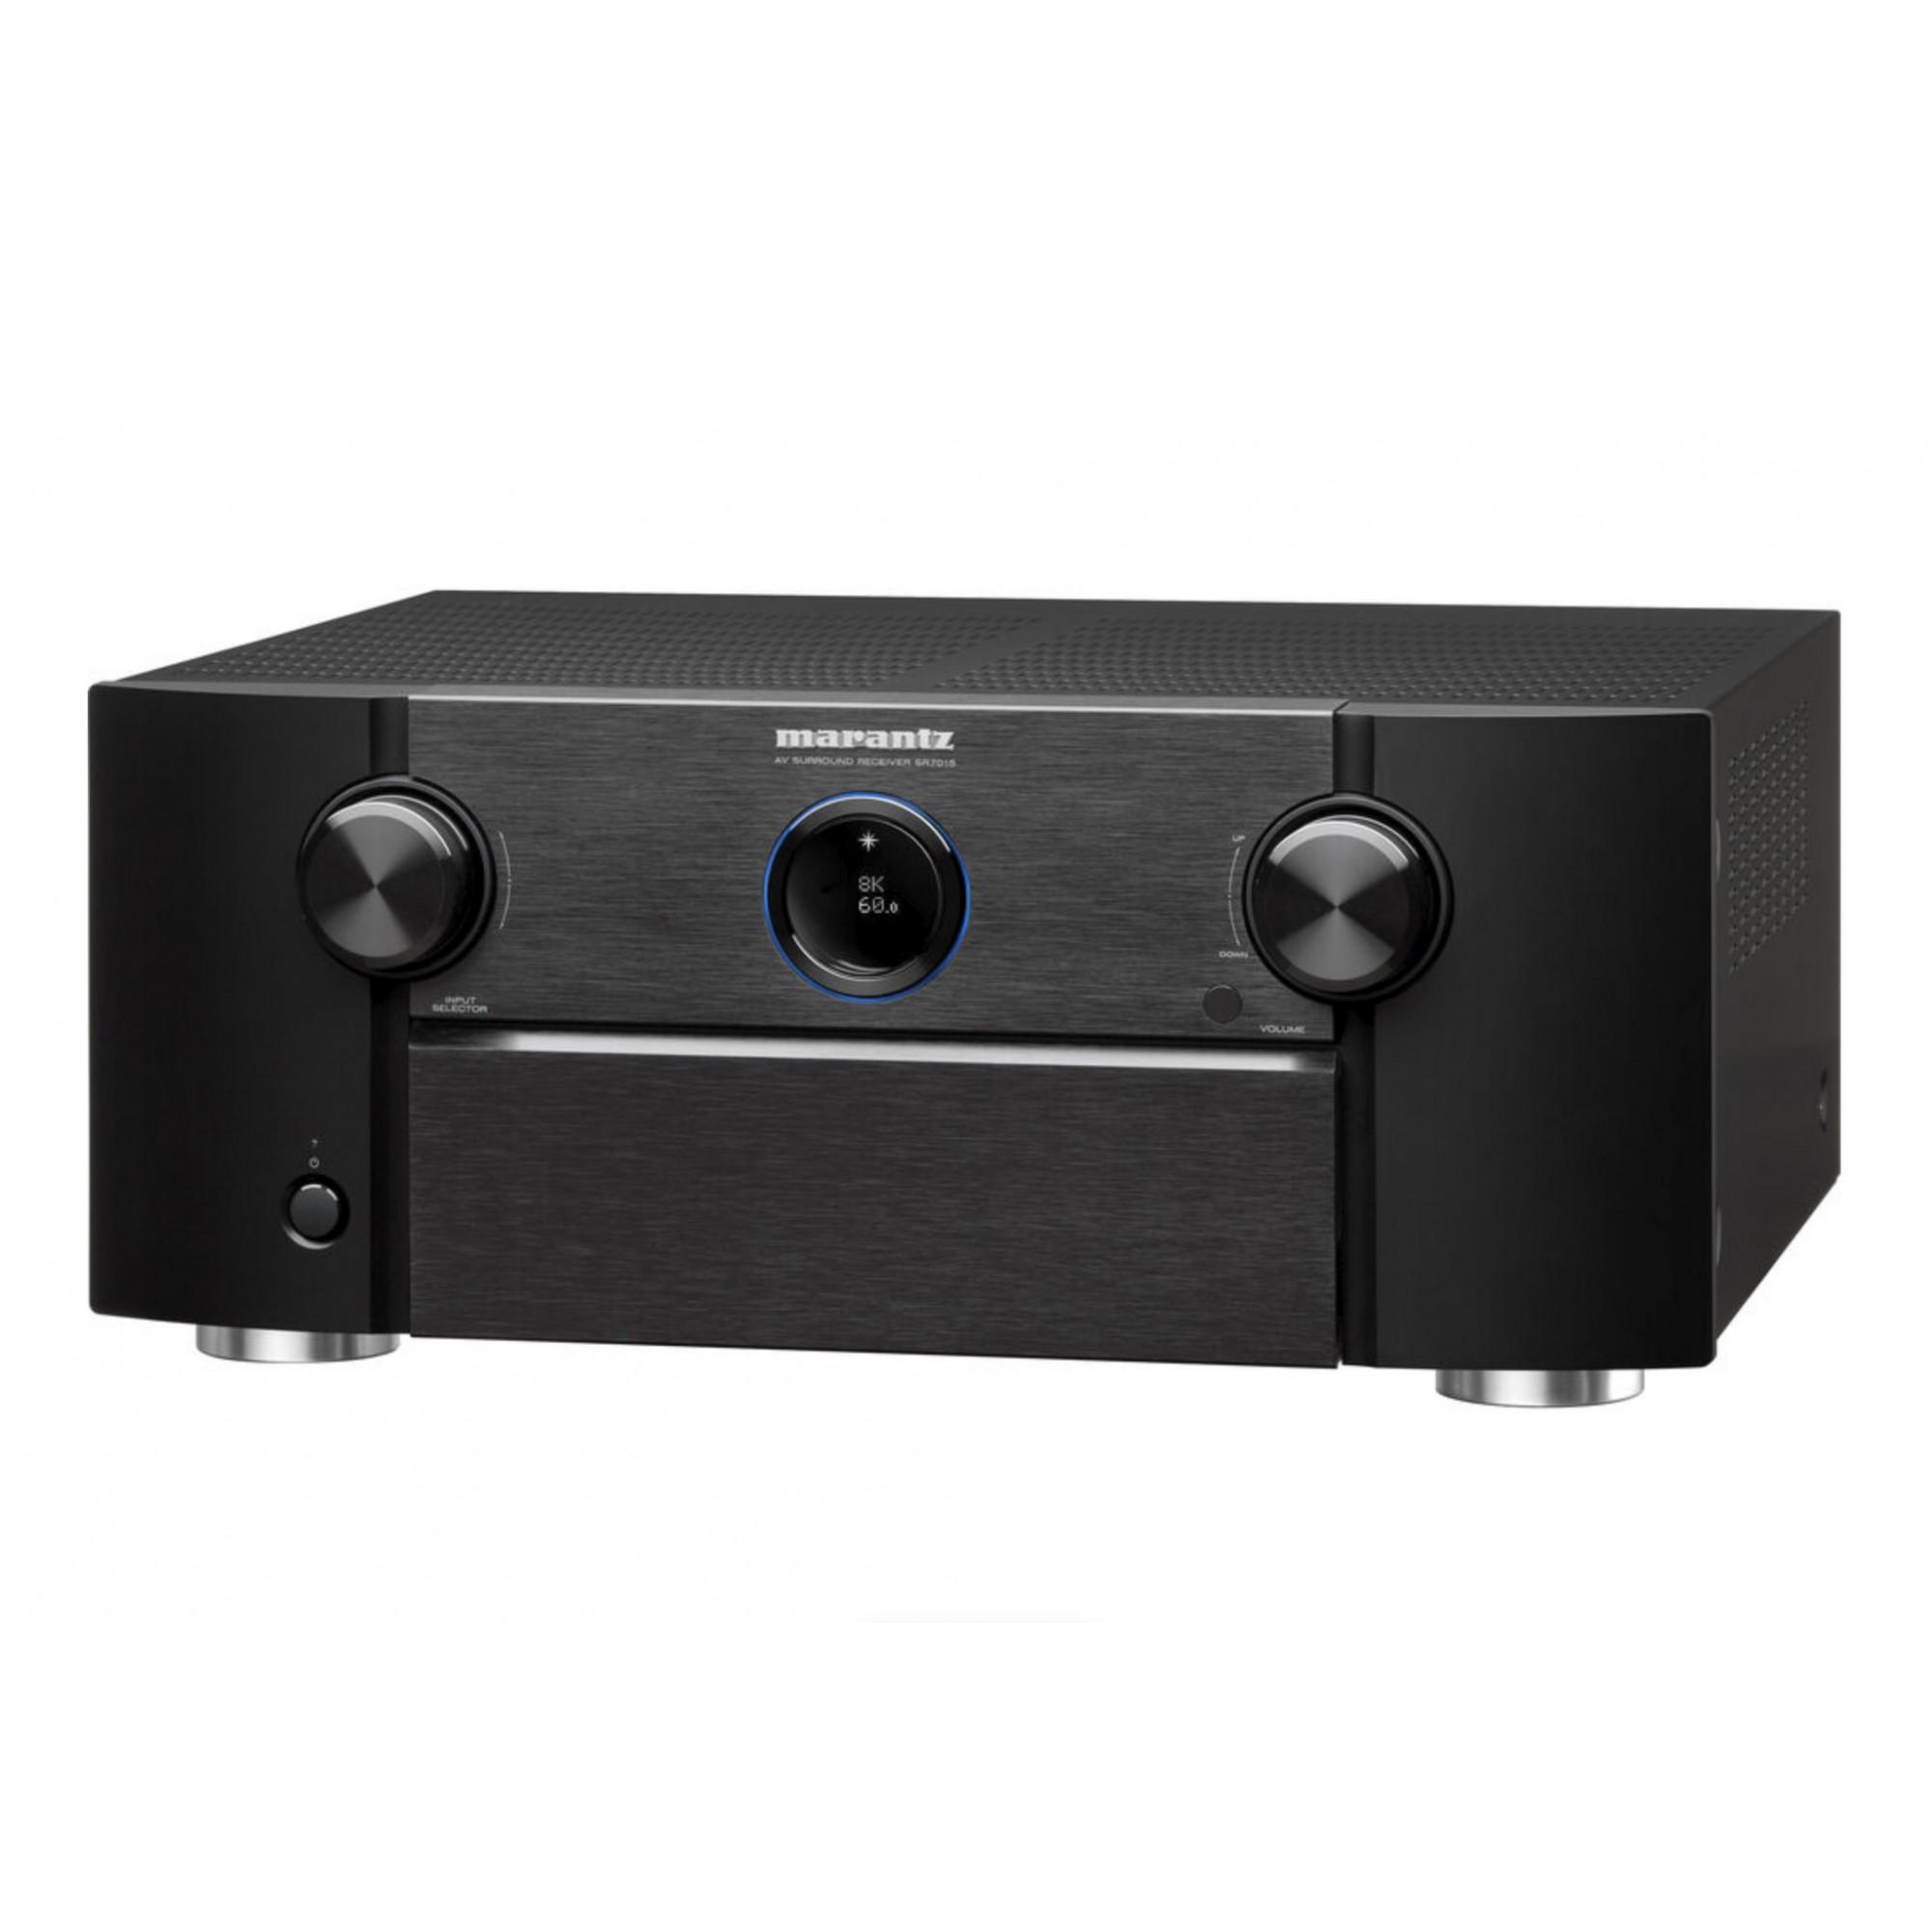 Receiver Marantz SR7015 Dolby Atmos  DTS: X  8k 9.2CH Modelo 2020 - 120v